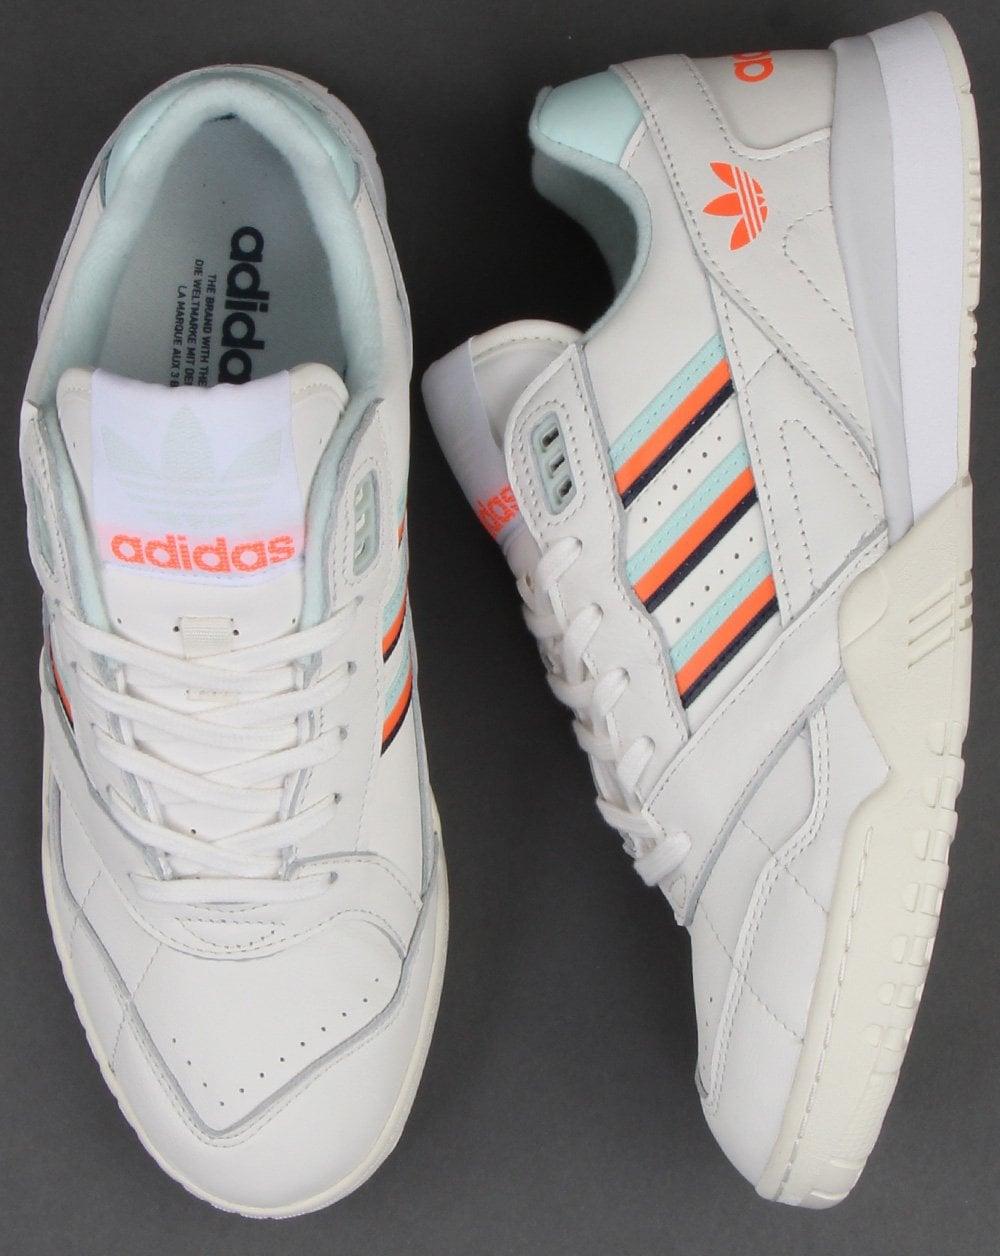 adidas AR trainer tennis retro